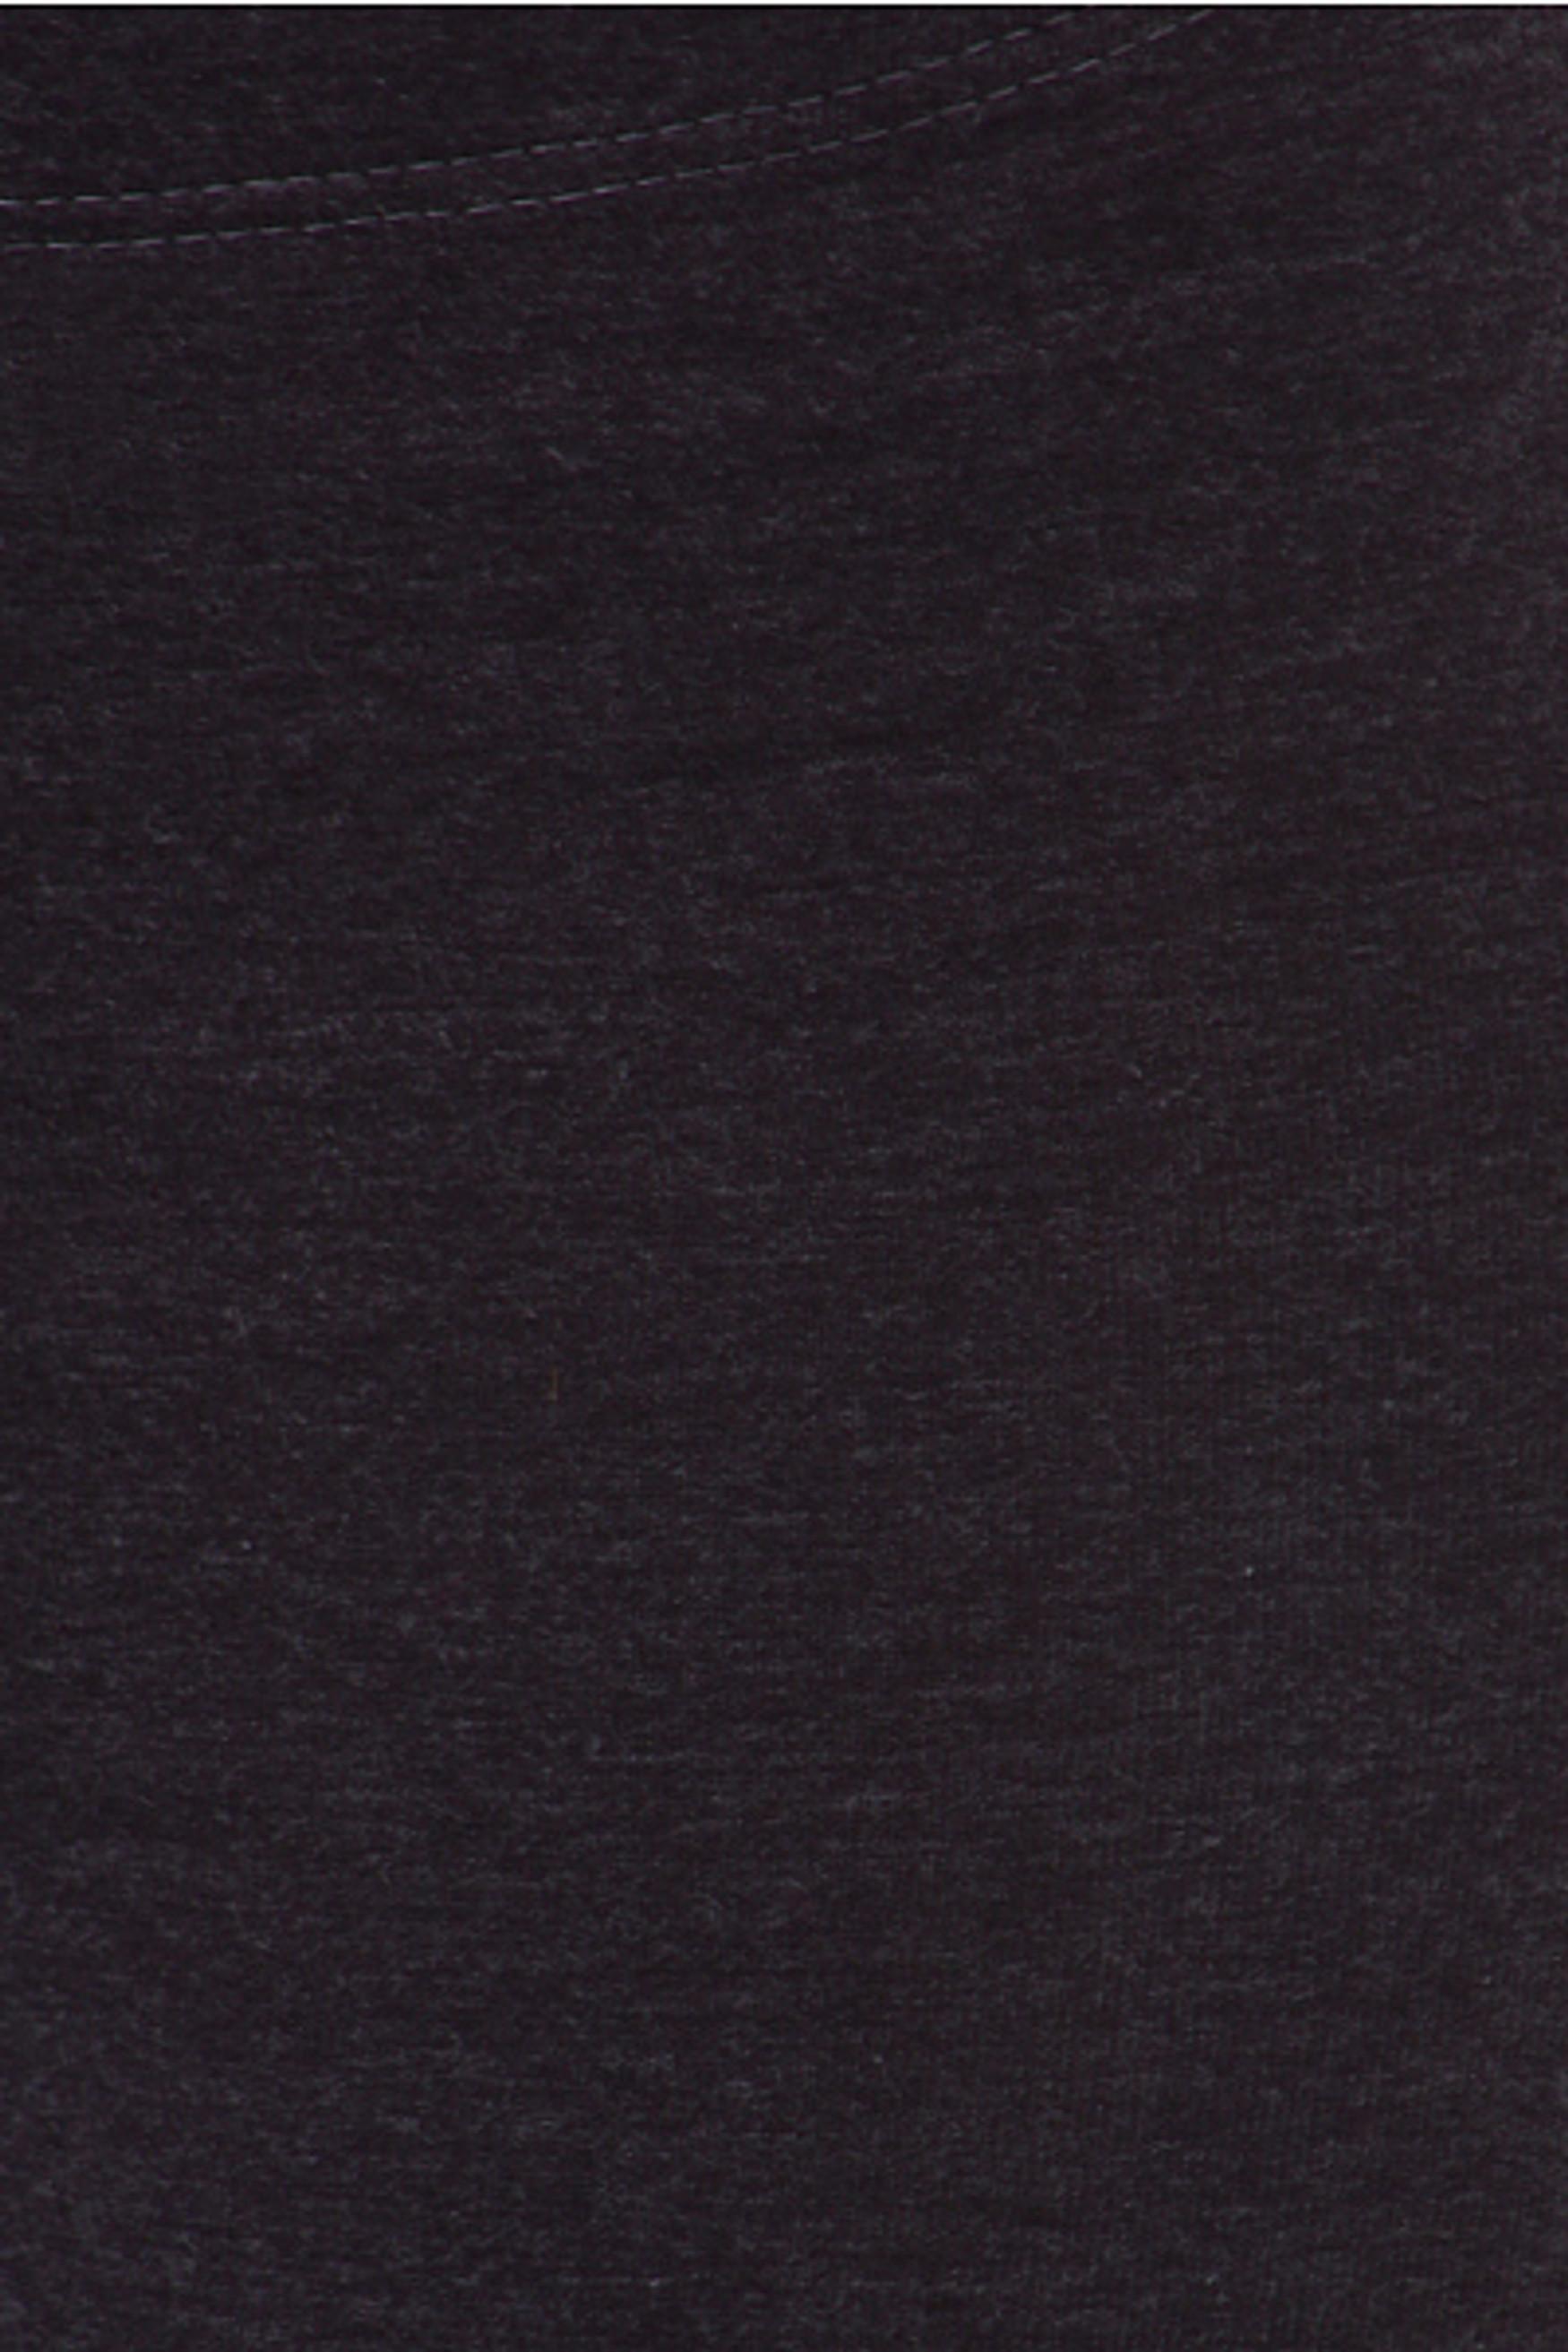 Close up fabric swatch of black USA Cotton Capri Length Leggings